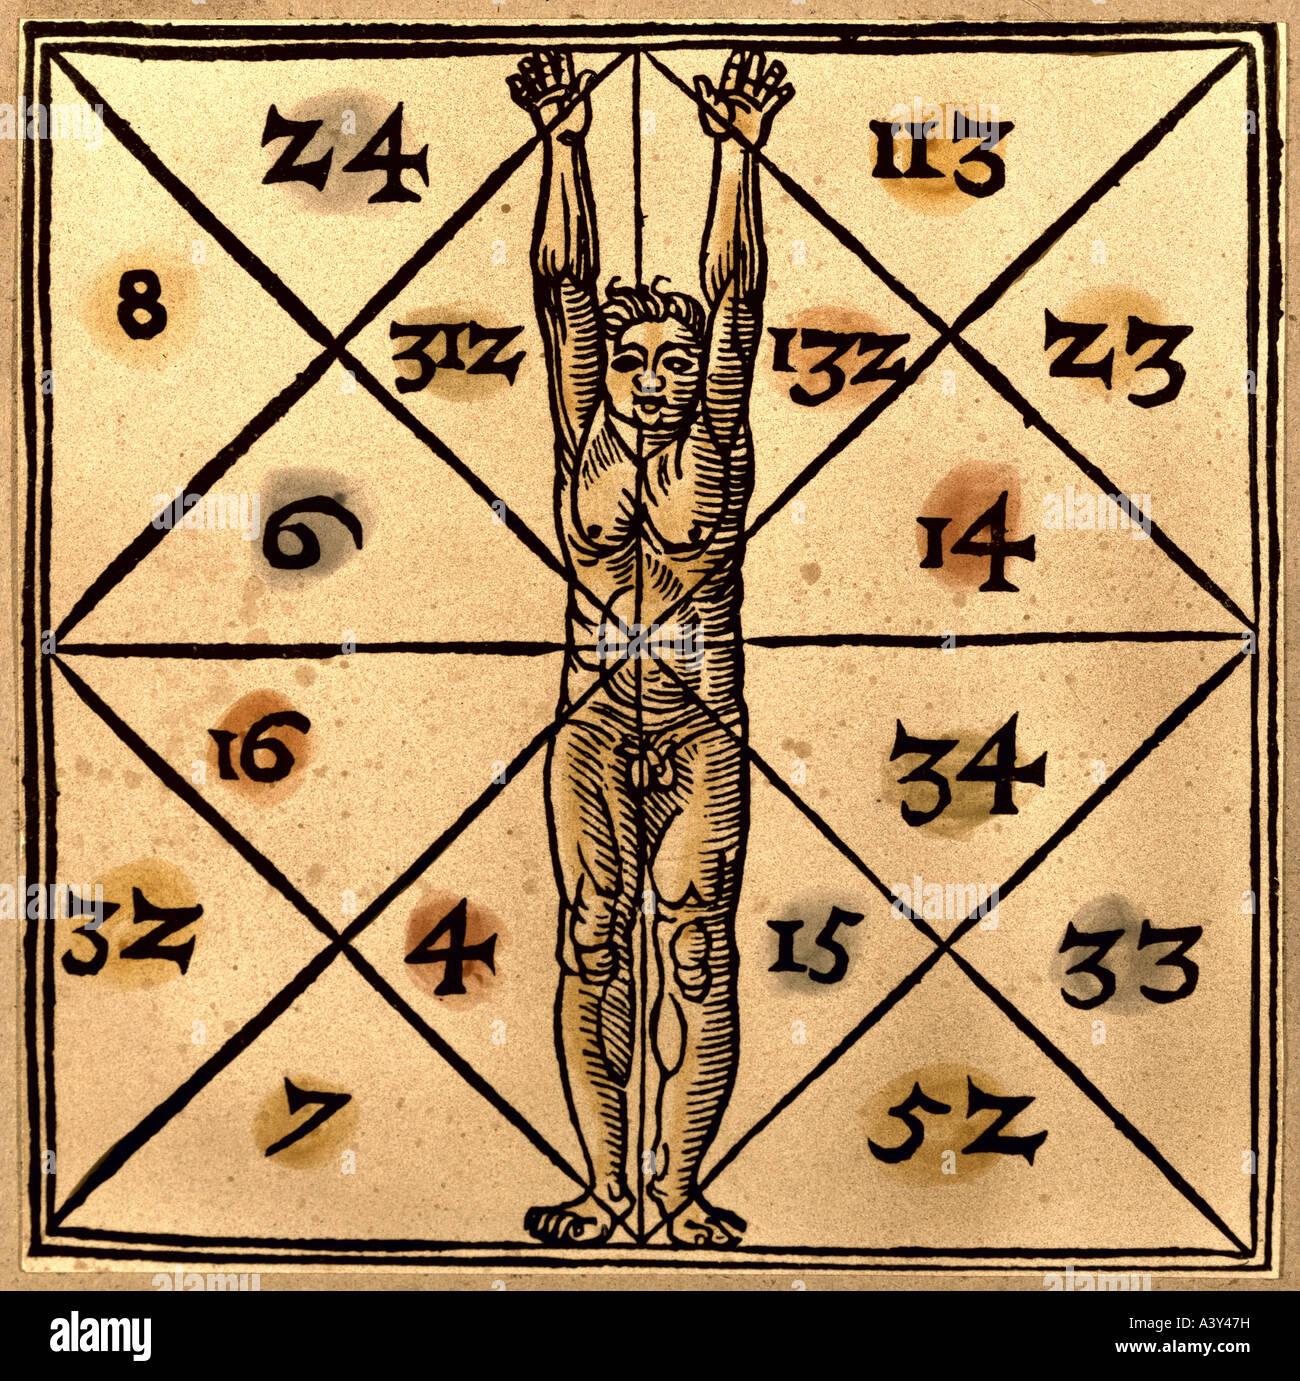 Aberglaube, Magie Reihen von Zahlen, Makrokosmischen Korrespondenten zu den Körperteilen und der inneren Organe, Stockbild